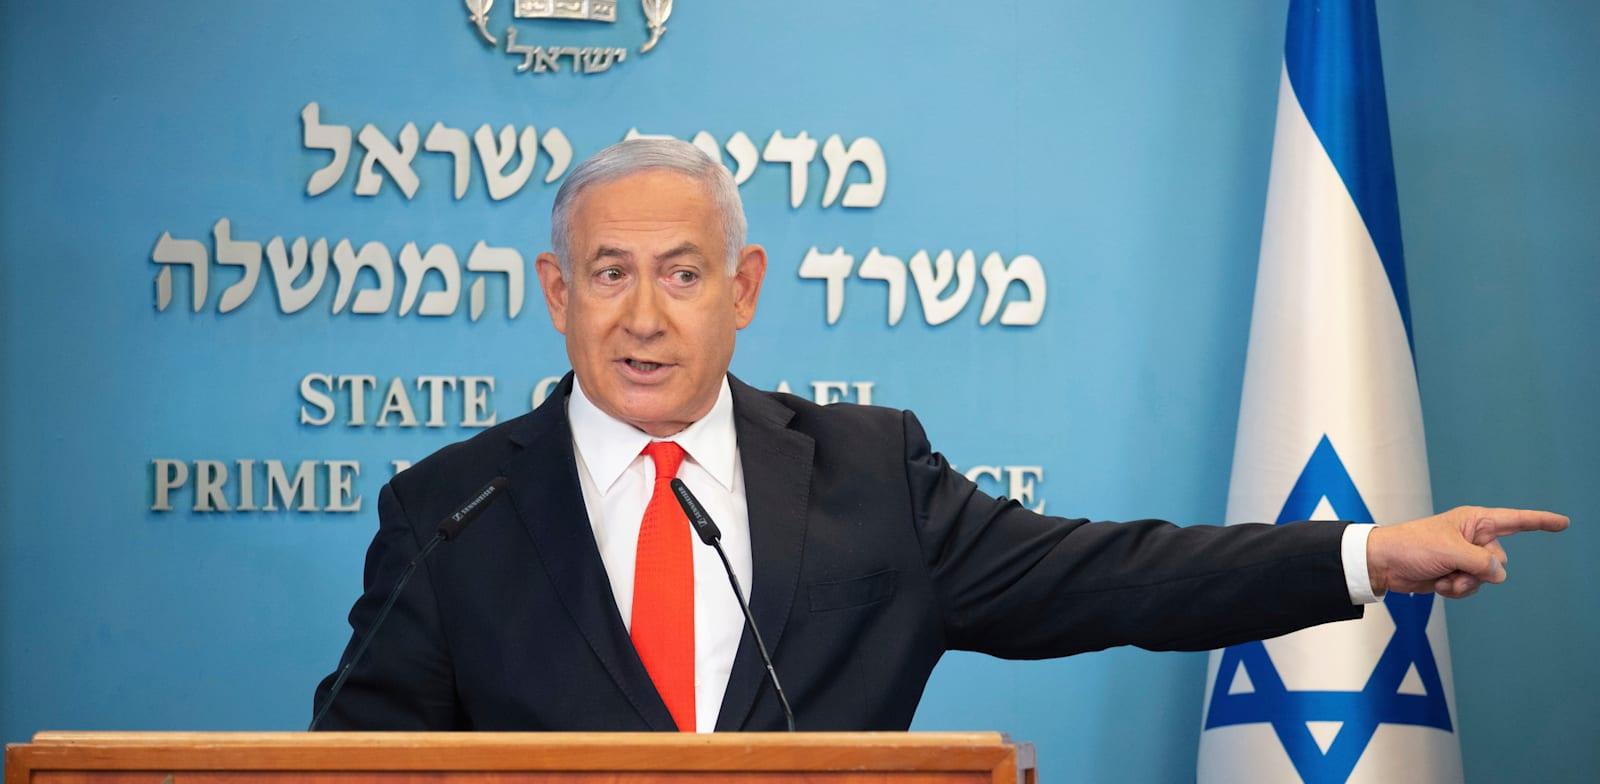 ראש הממשלה בנימין נתניהו. אי-דיוקים בנאום / צילום: Associated Press, Alex Kolomiensky